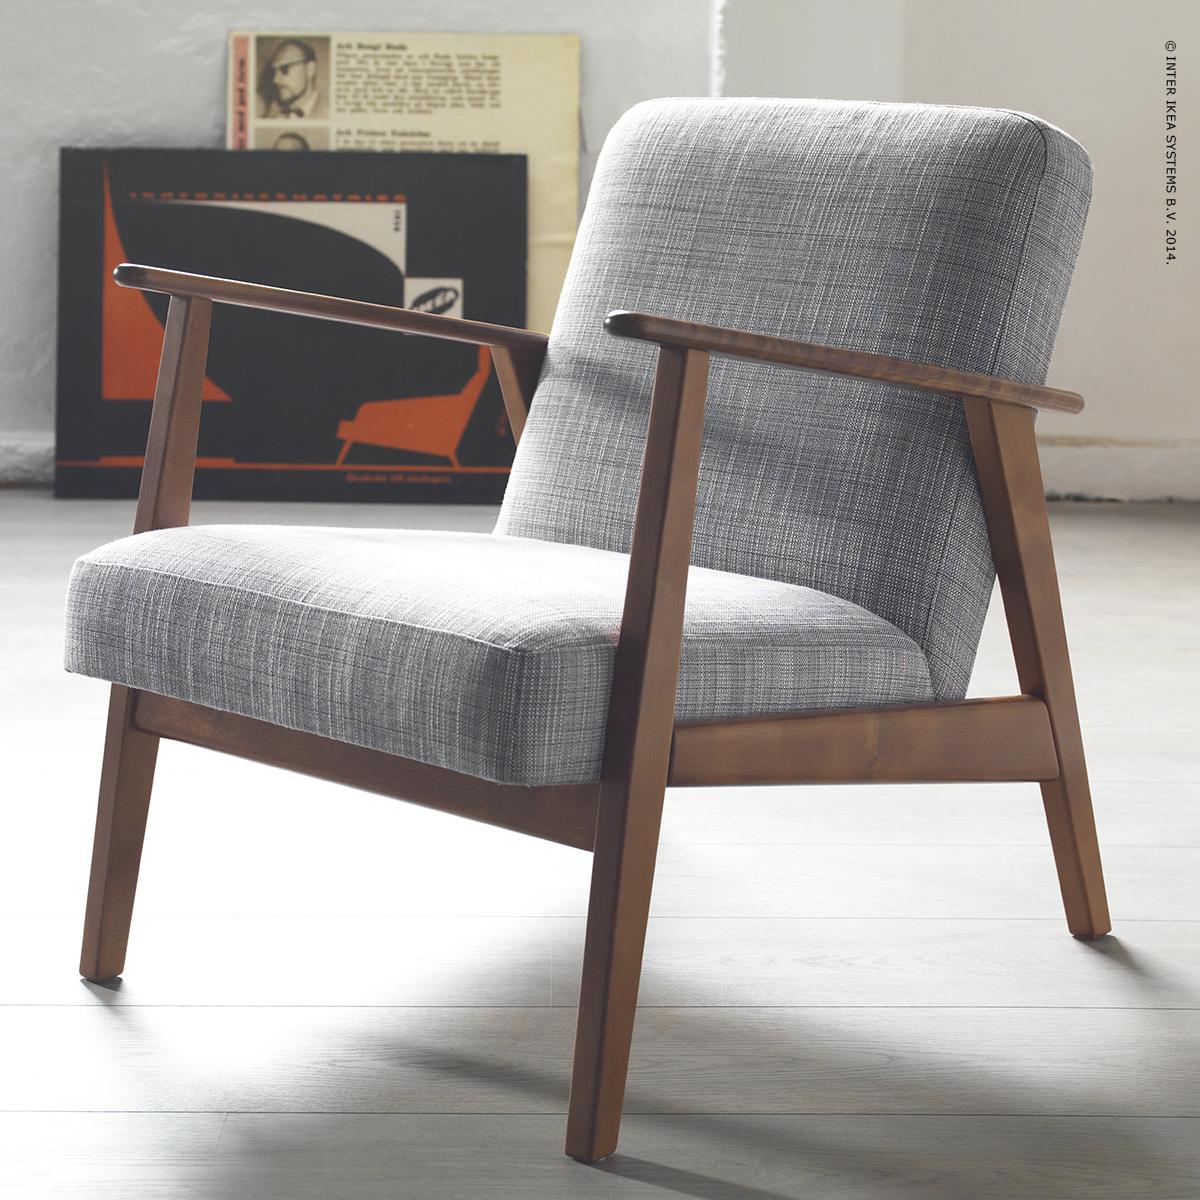 catalogue ikea 1957 la srie esbjerg est le parfait exemple de lart du meuble danois dans ce quil a de plus abouti il suffit de voir ses lignes - Meuble Danois